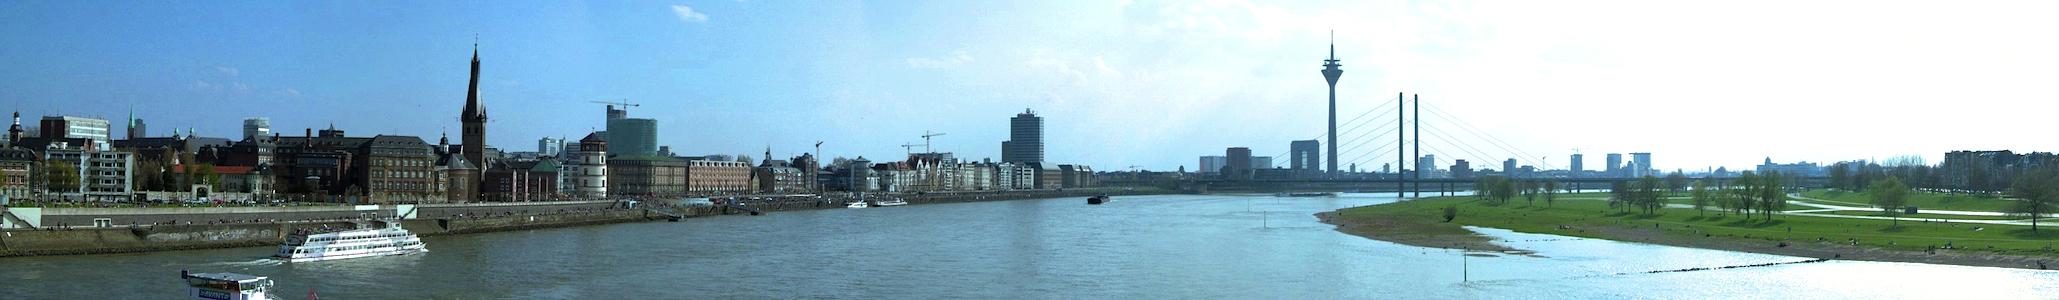 Tussmannstr Düsseldorf düsseldorf travel guide at wikivoyage